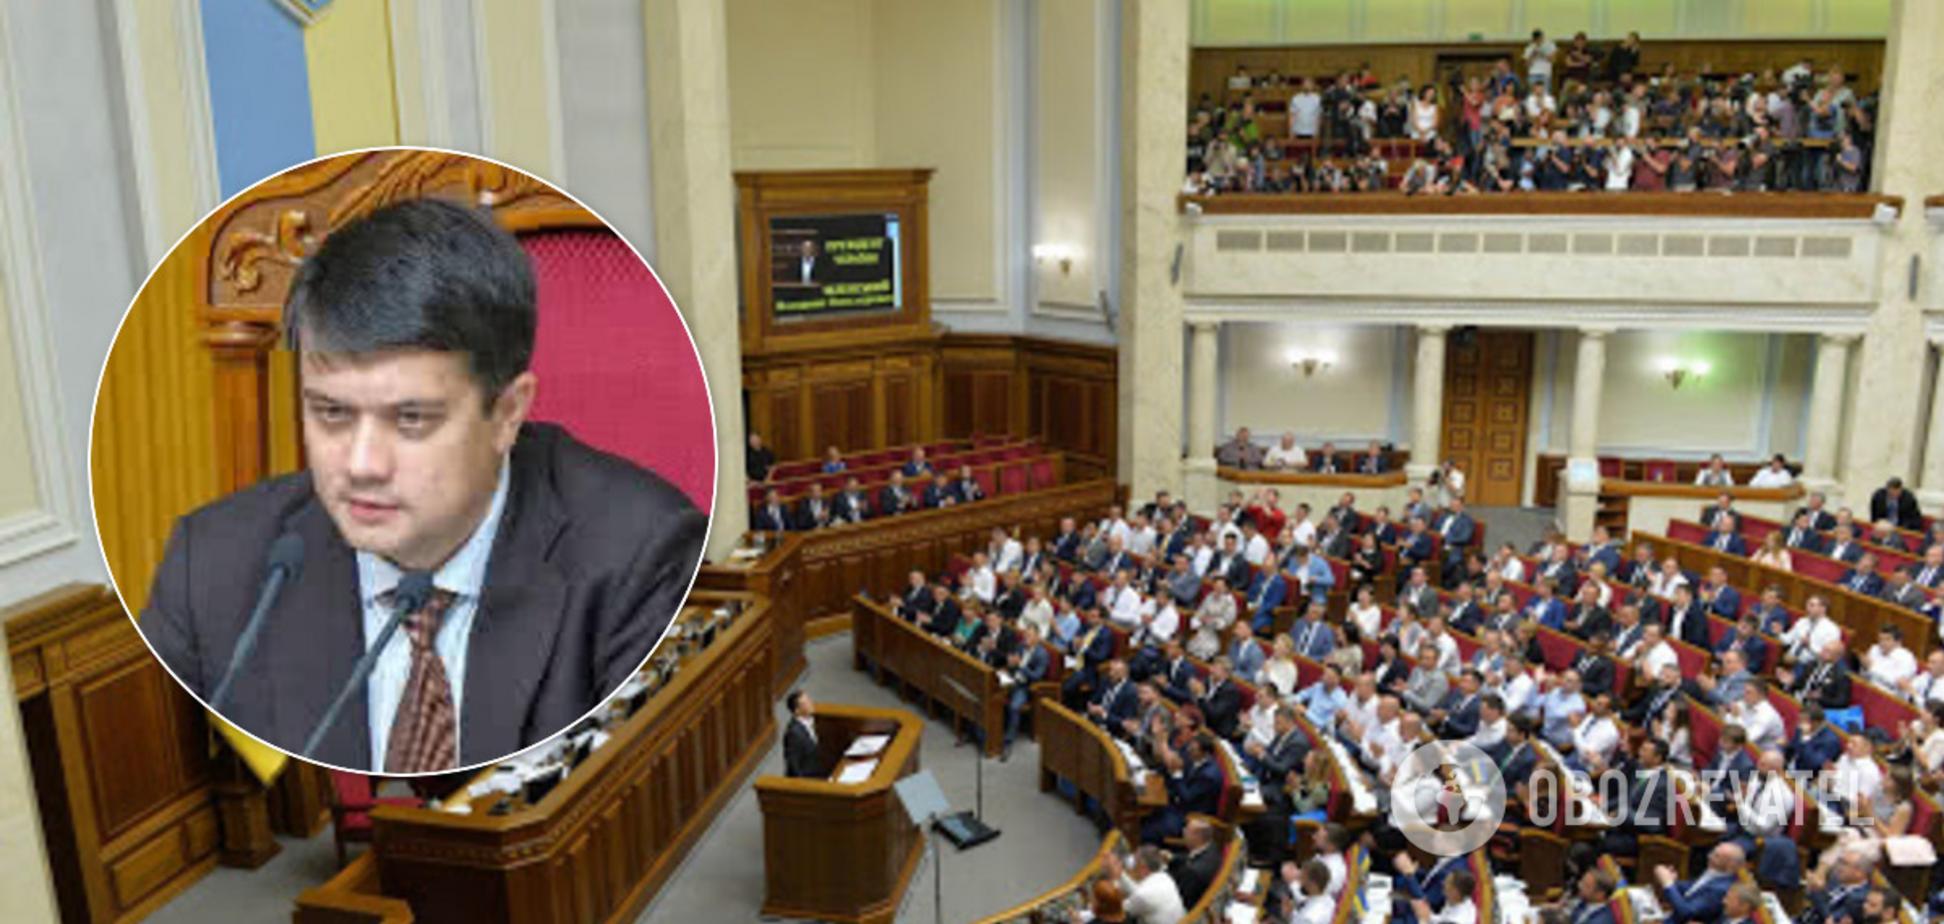 Рада провела внеочередное заседание: какие законы приняли